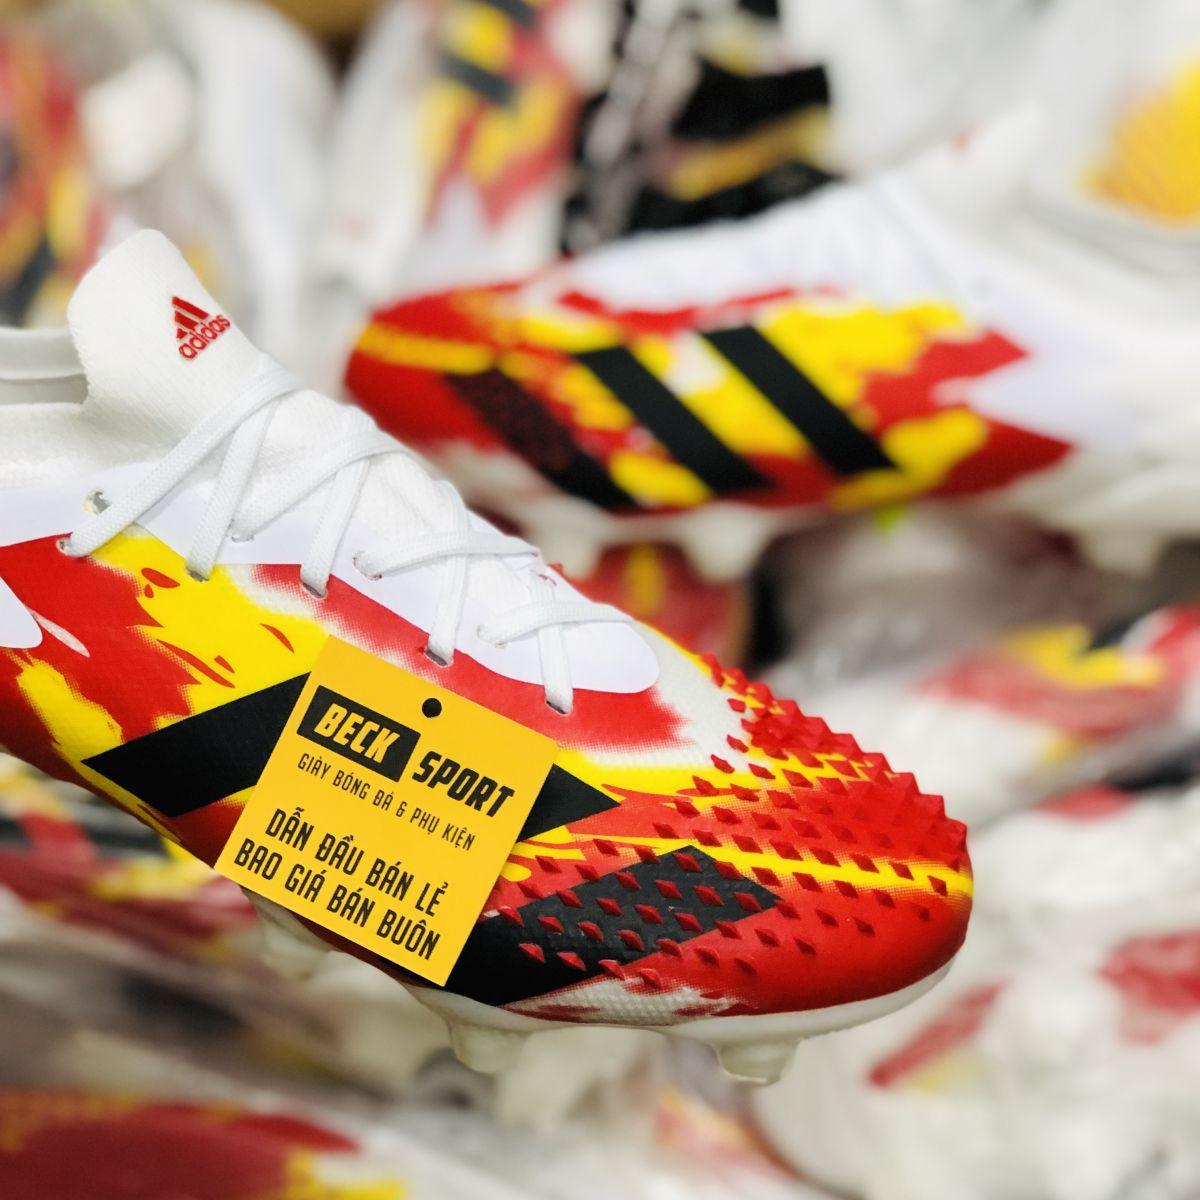 Giày Bóng Đá Adidas Predator 20.1 Uniforia Đỏ Vàng Gót Trắng Vạch Đen FG